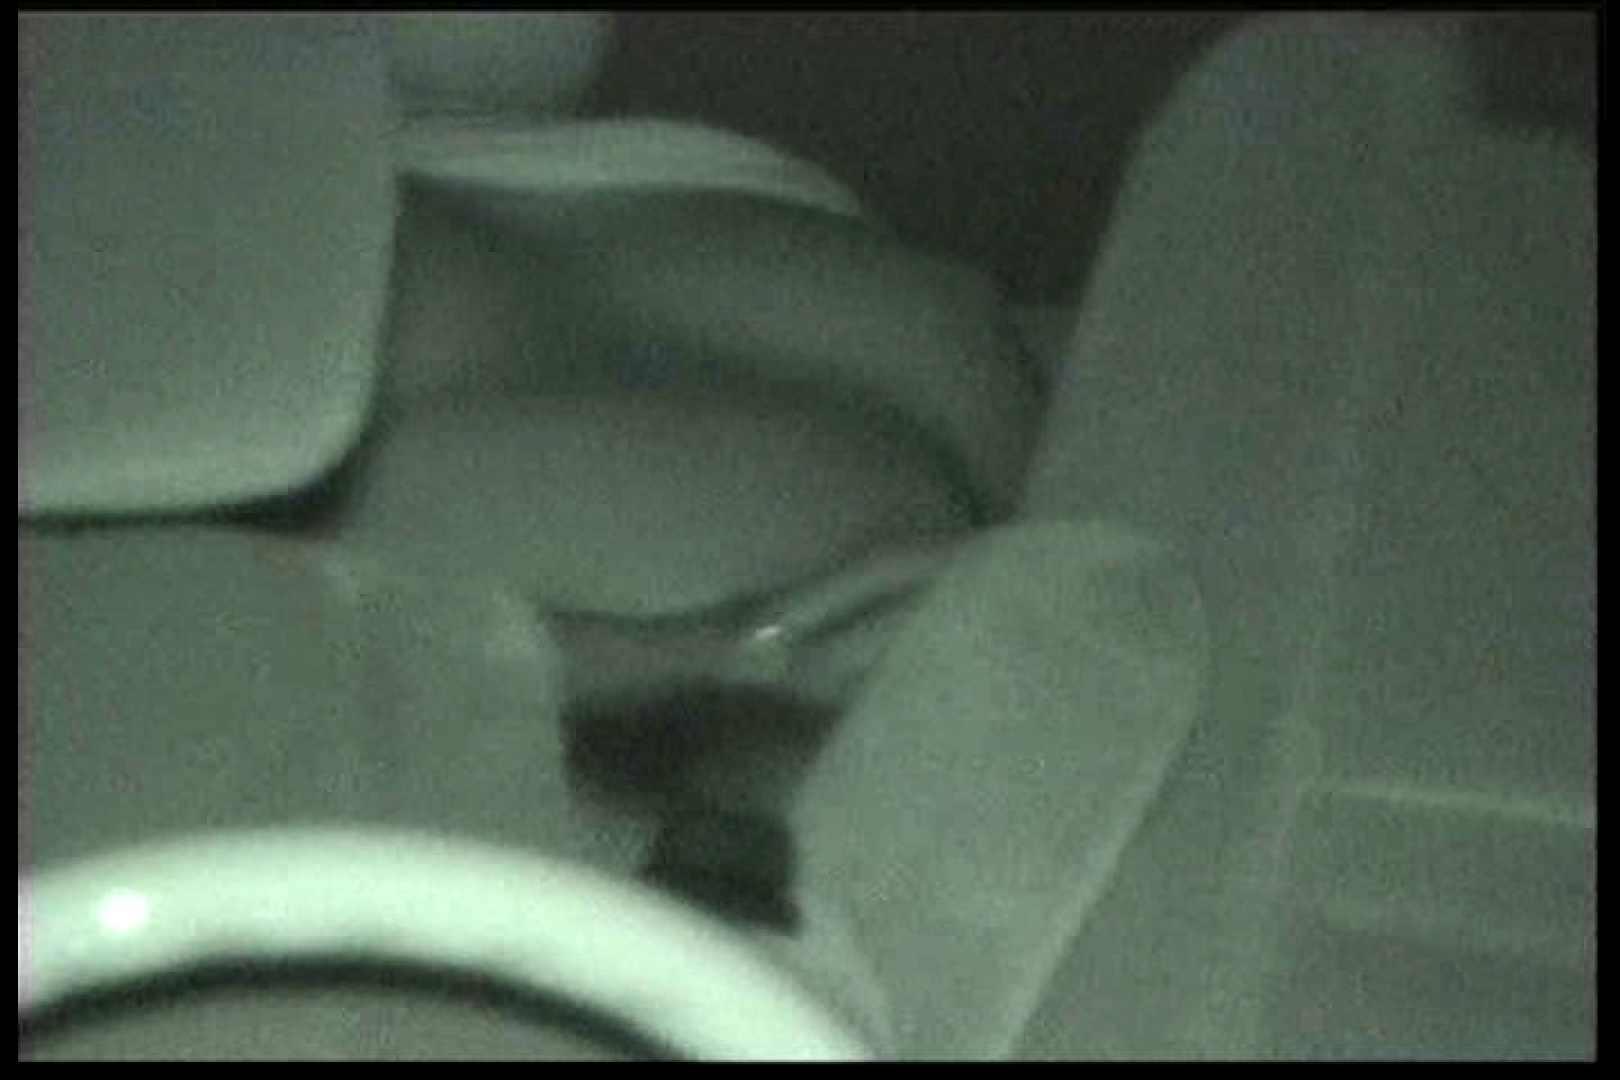 車の中はラブホテル 無修正版  Vol.14 ラブホテル 盗み撮りSEX無修正画像 100画像 47